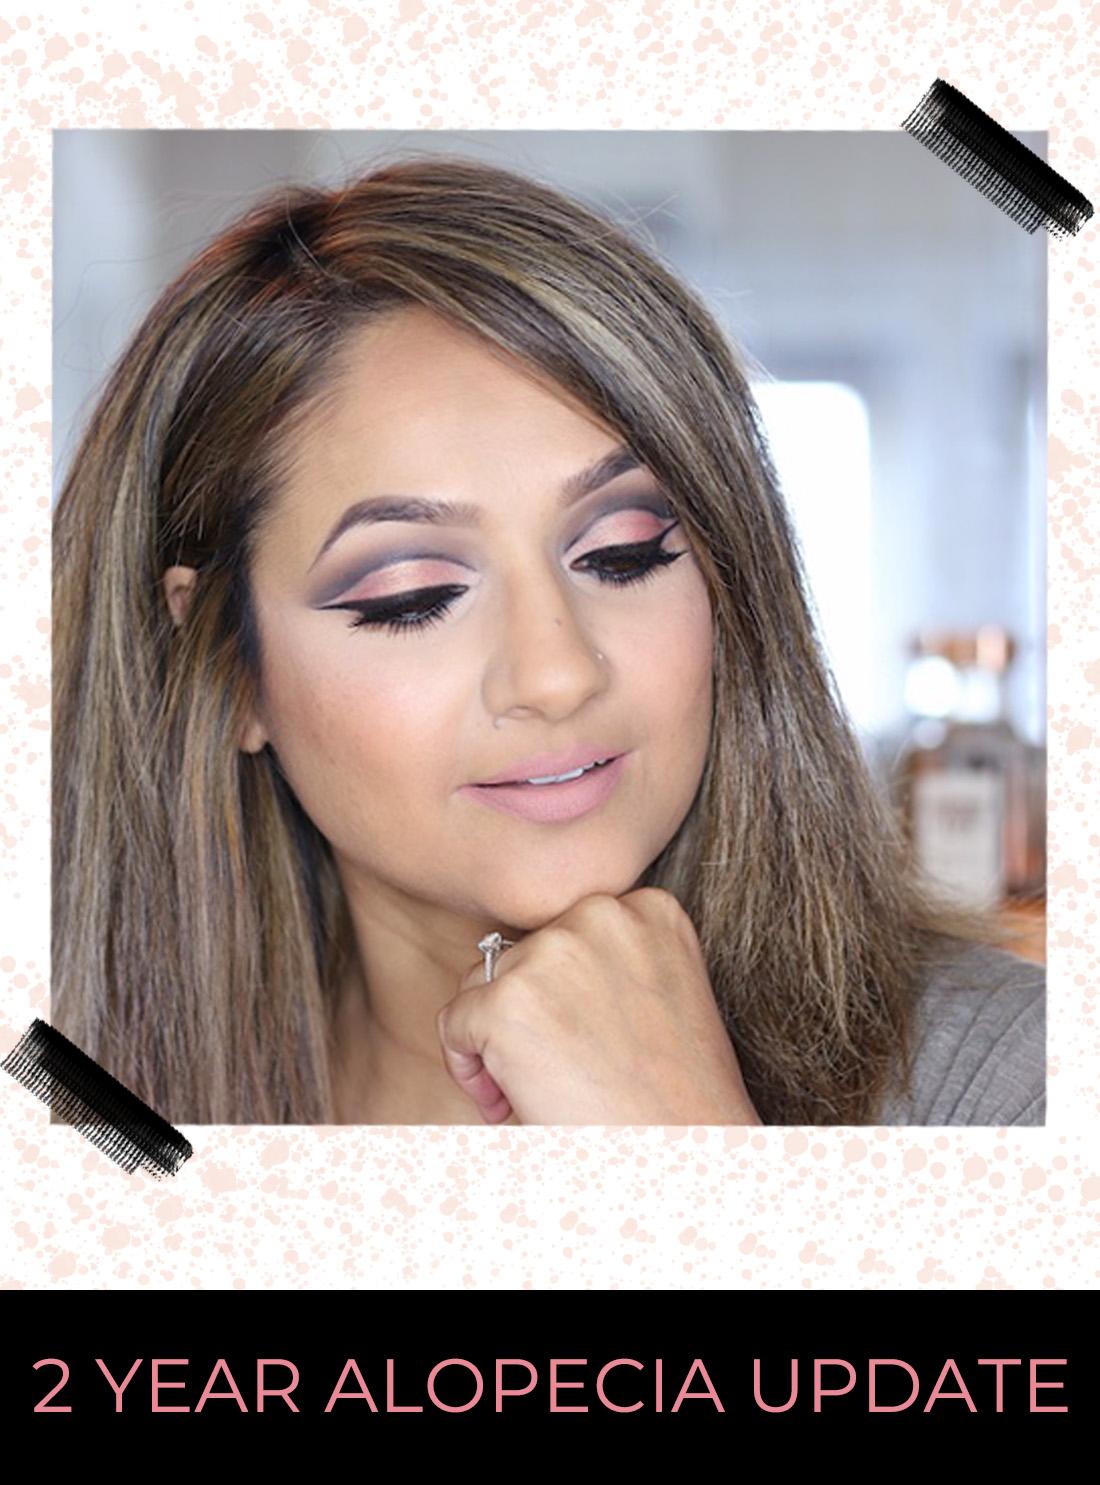 2 Year Alopecia Update Deepa Berar Blog